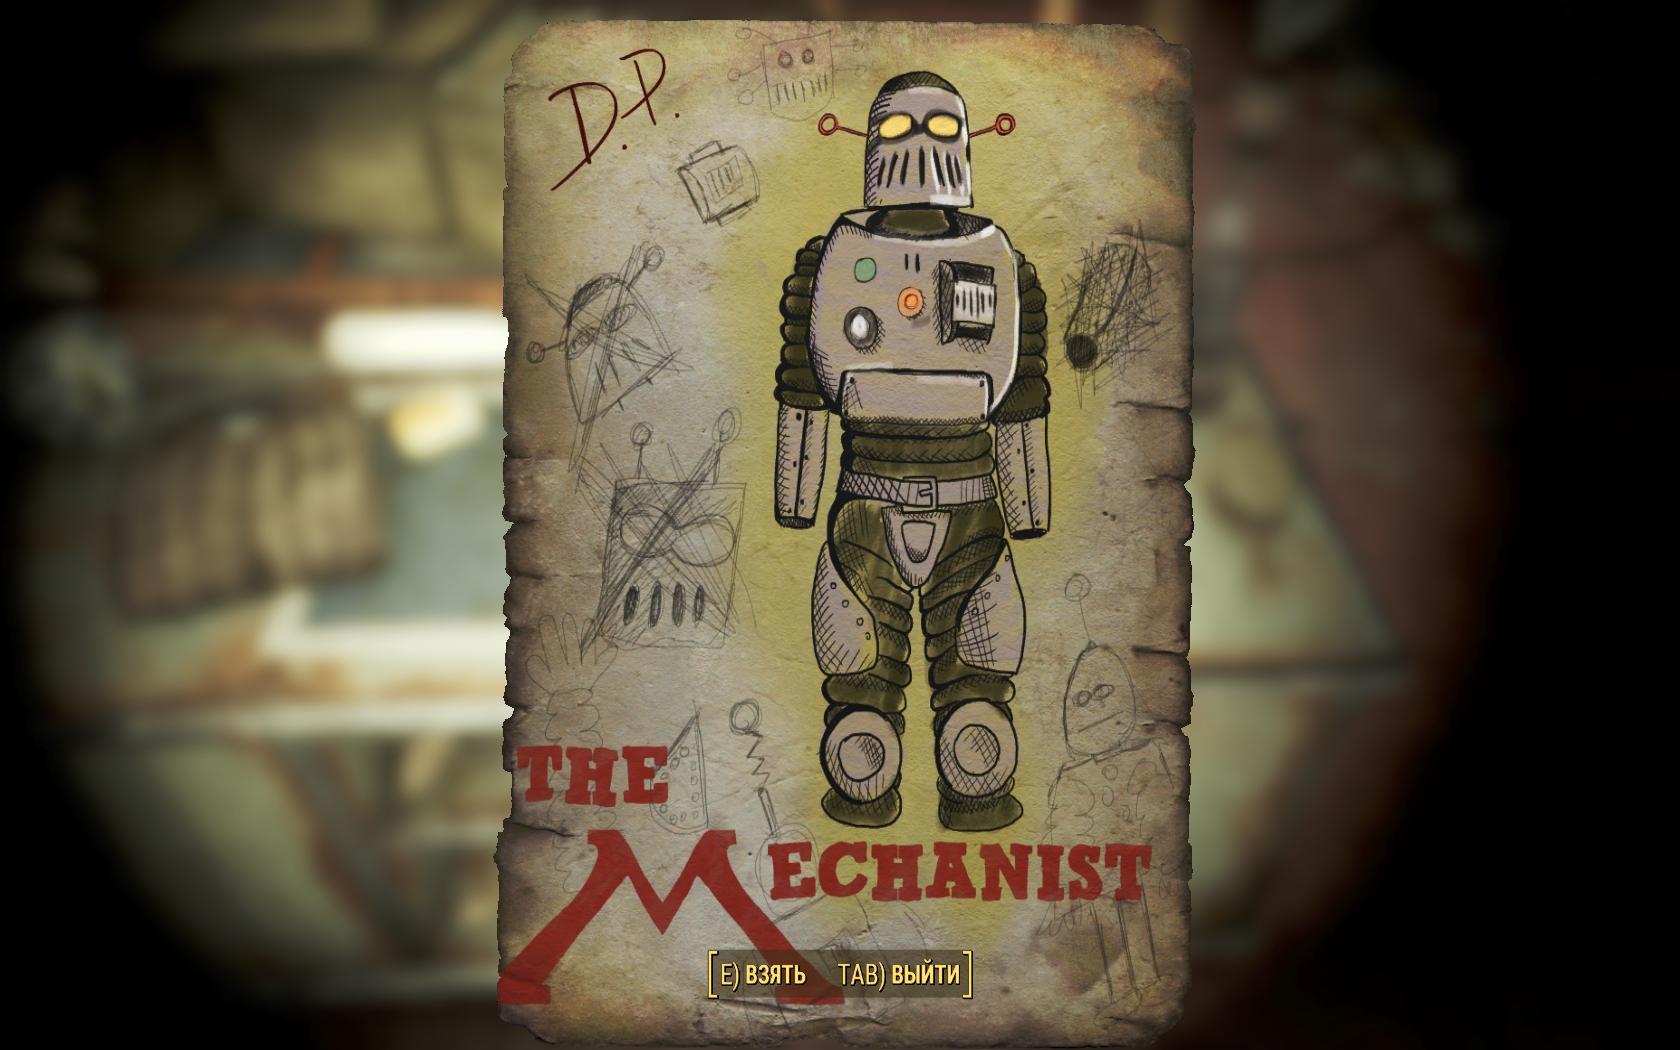 Изображение Механиста - Fallout 4 Изображение Механиста, Логово Механиста, Механист